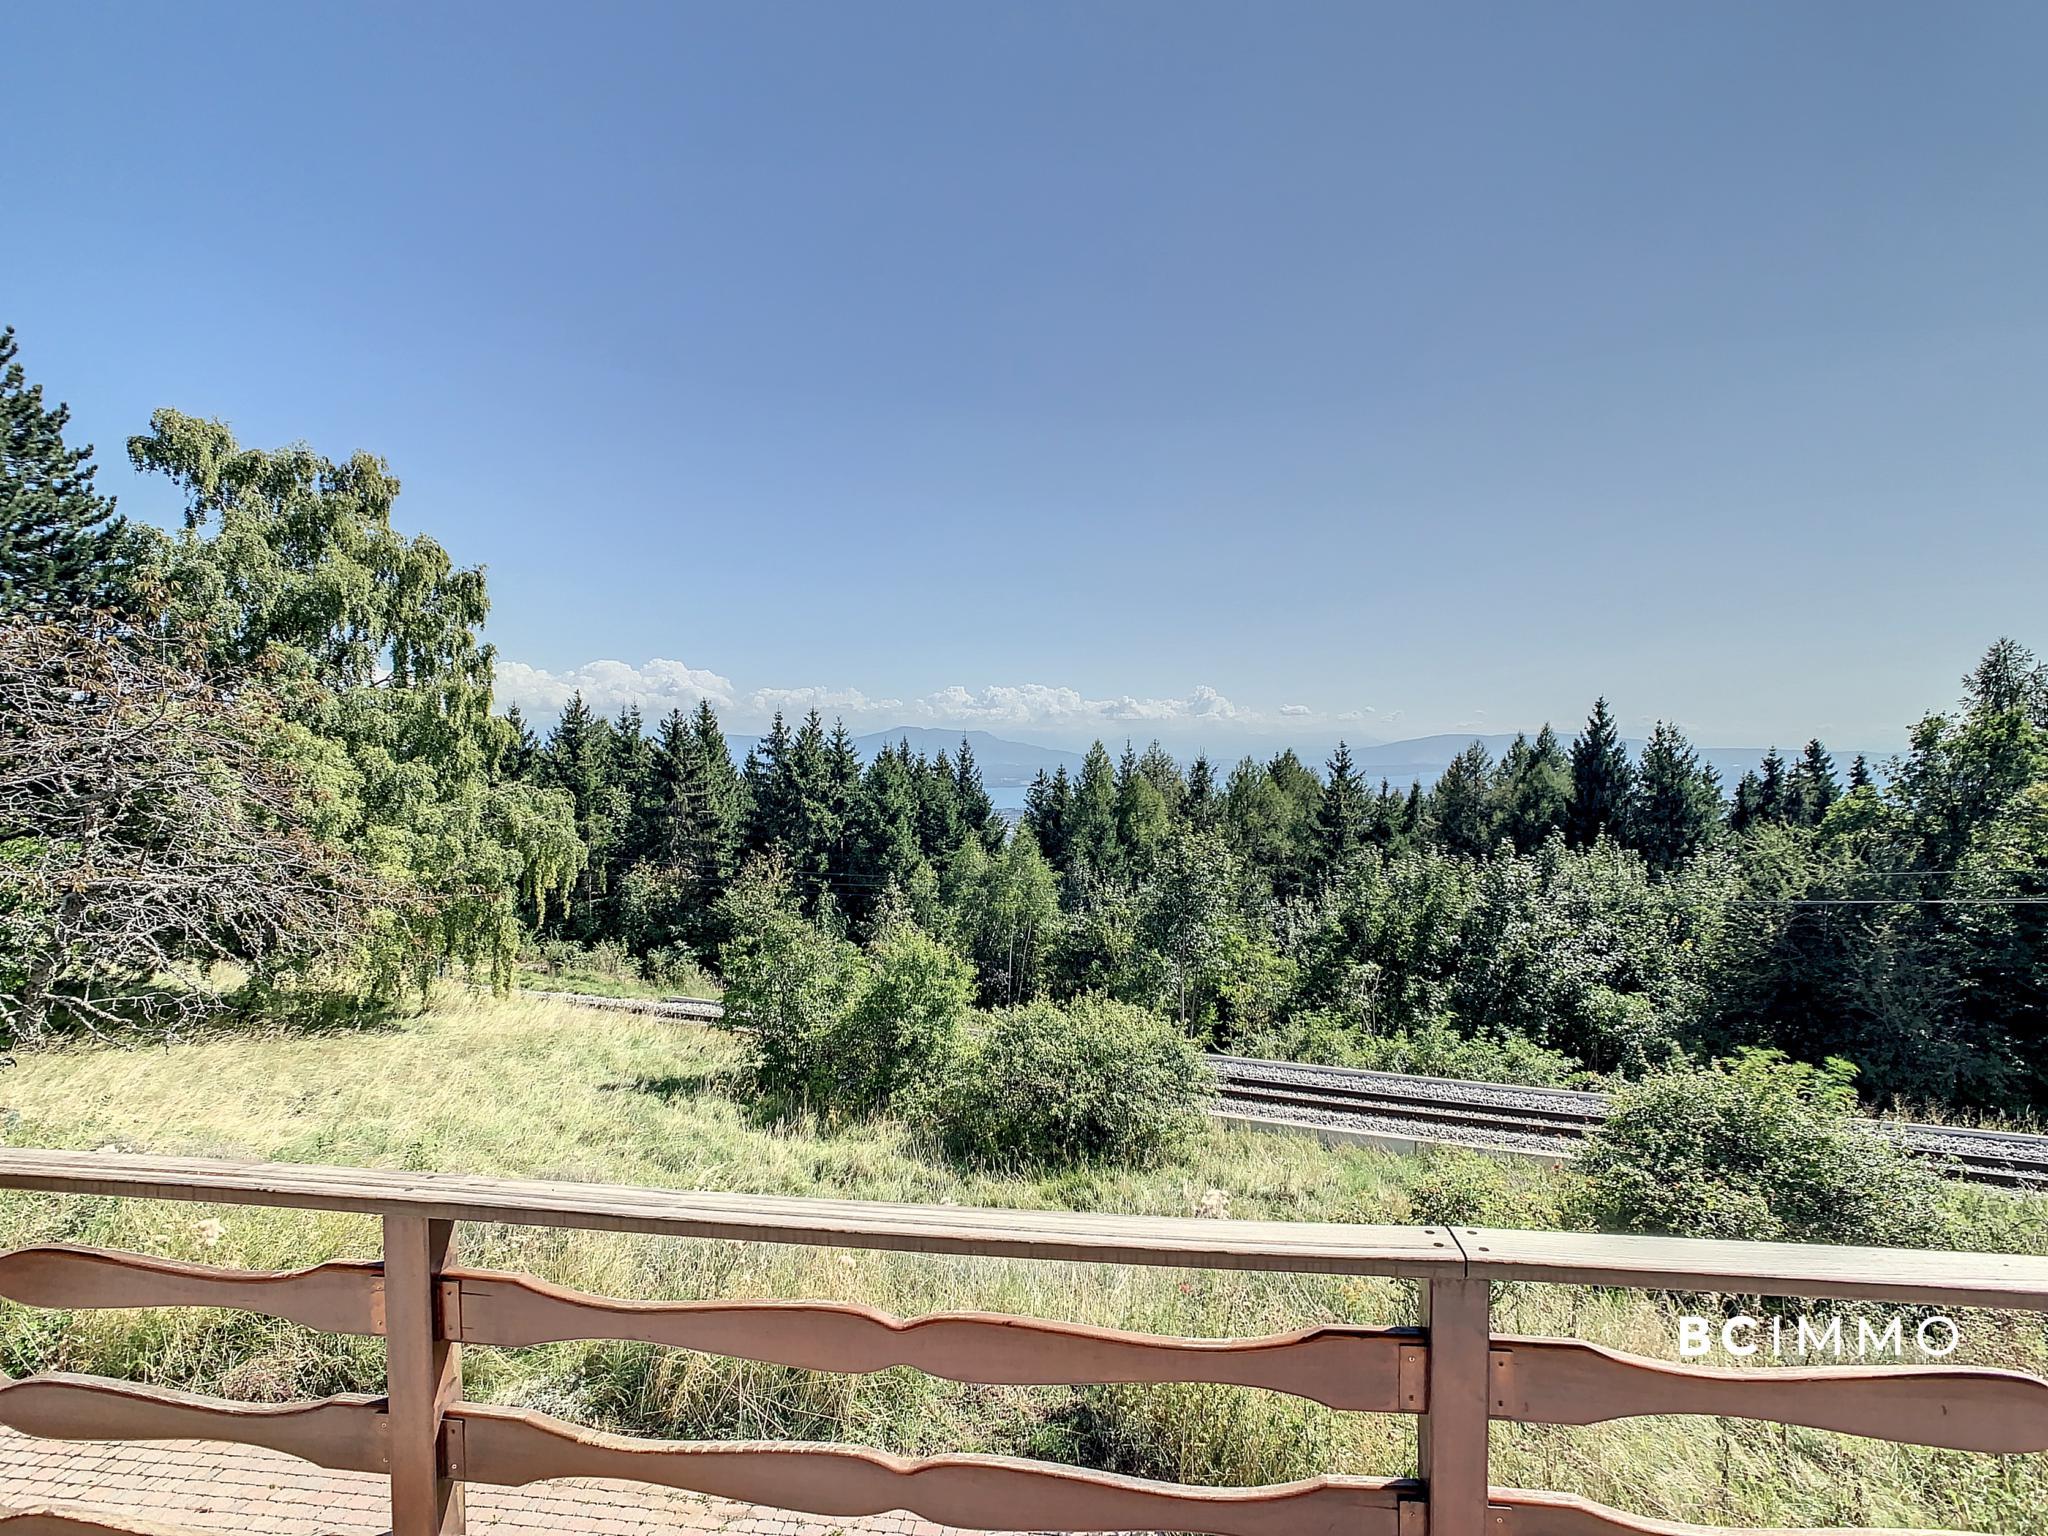 BC Immo - Magnifique chalet avec vue sublime sur le lac Léman - C-21-001